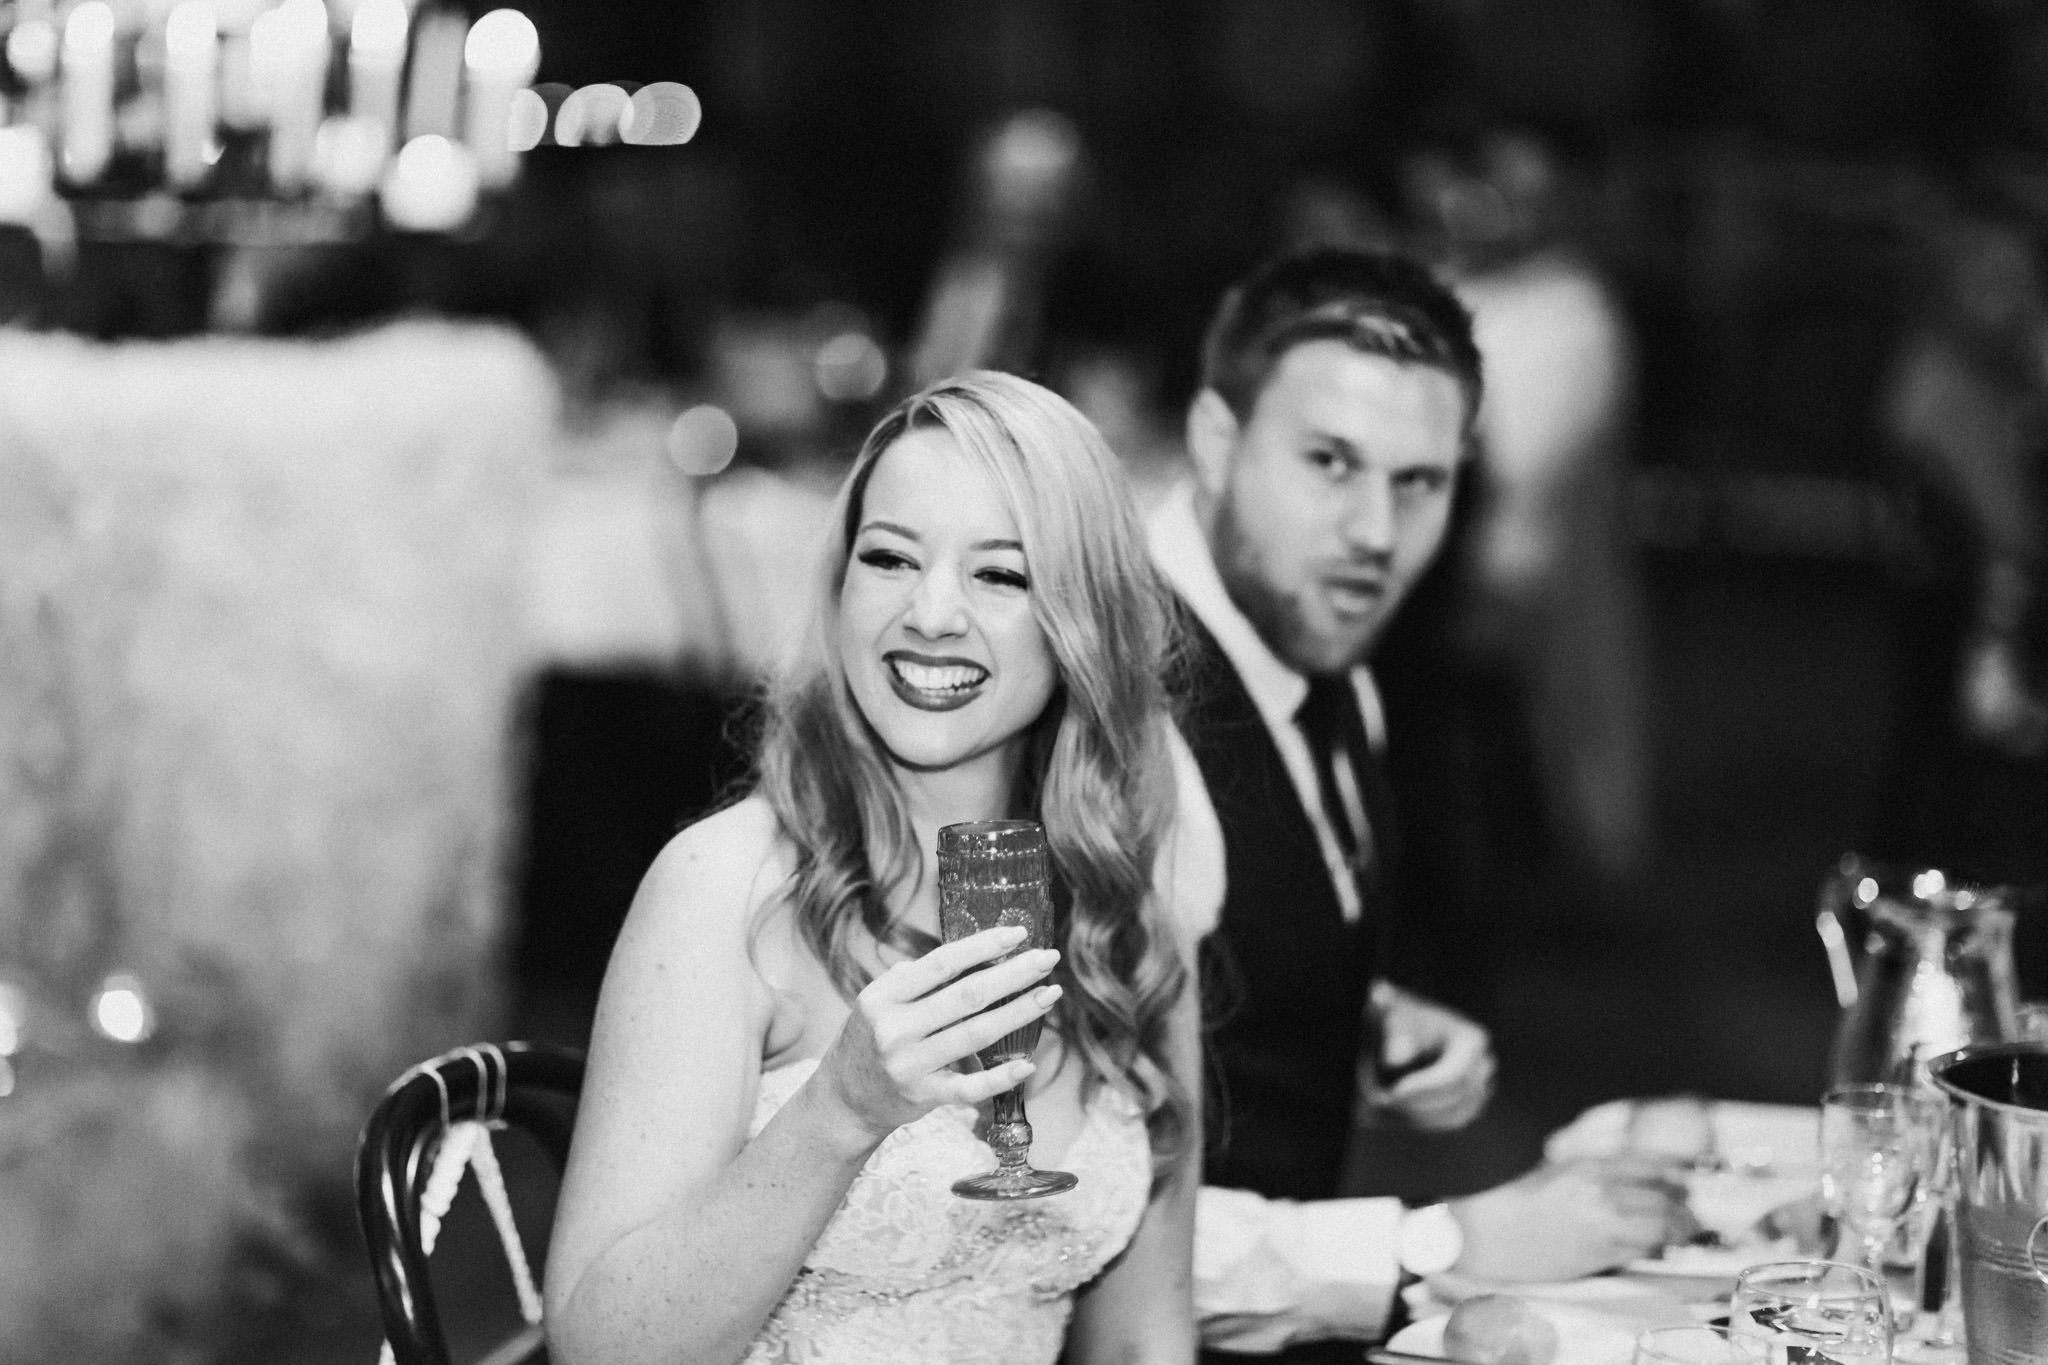 WeddingPhotos_Facebook_2048pixels-1117.jpg